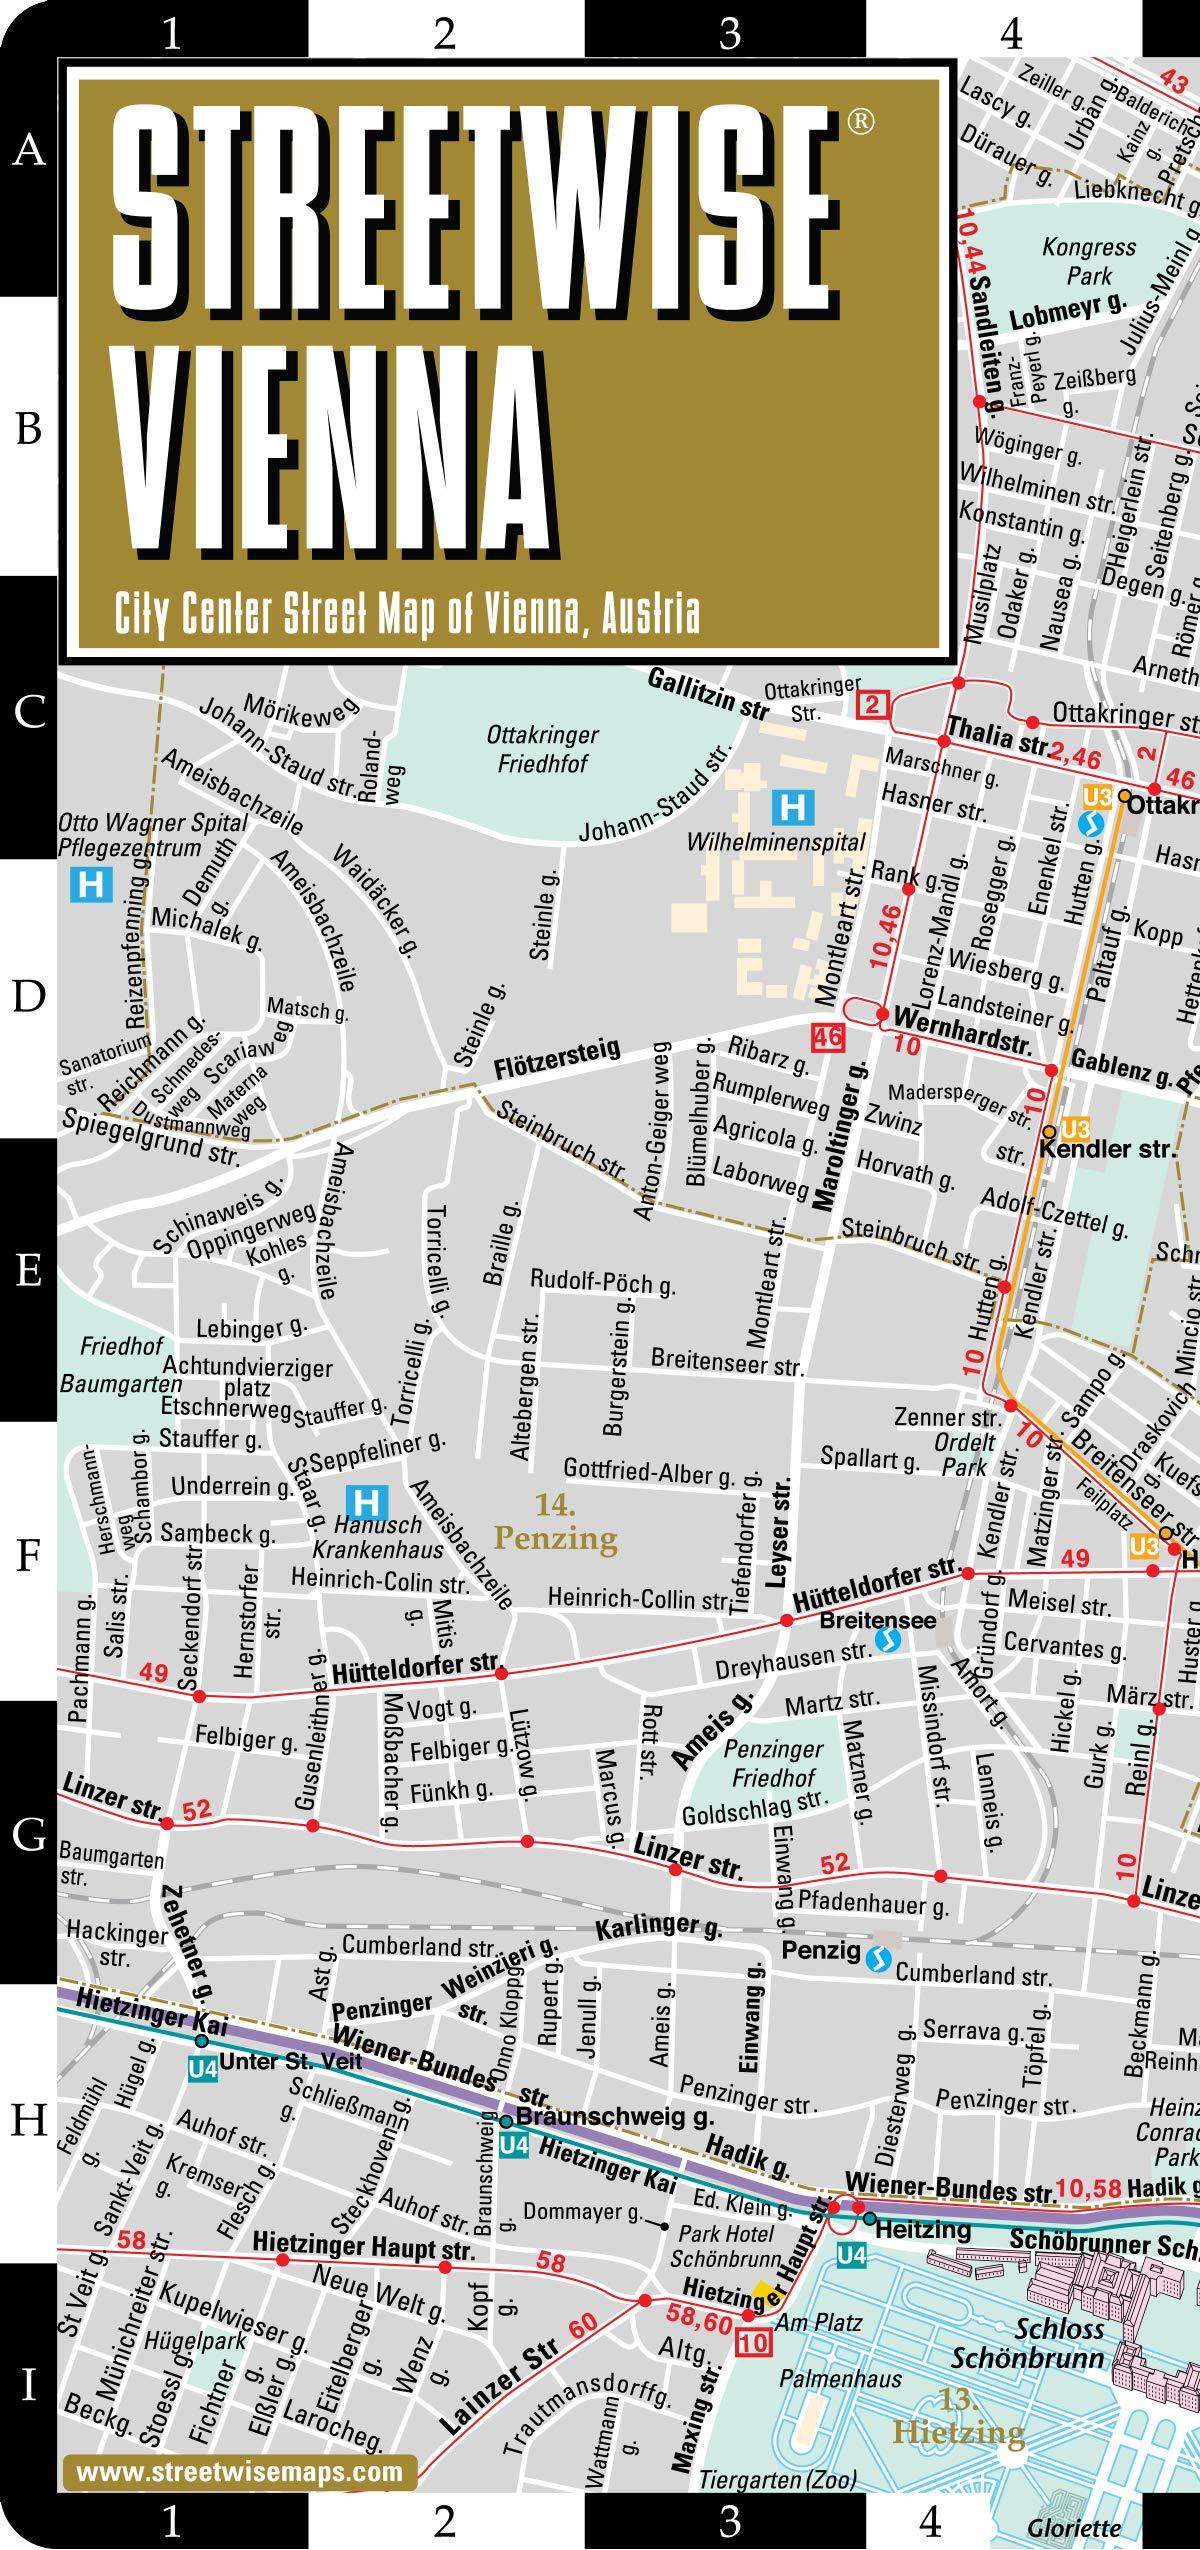 Vienna Austria Map Streetwise Vienna Map   City Center Street Map of Vienna, Austria